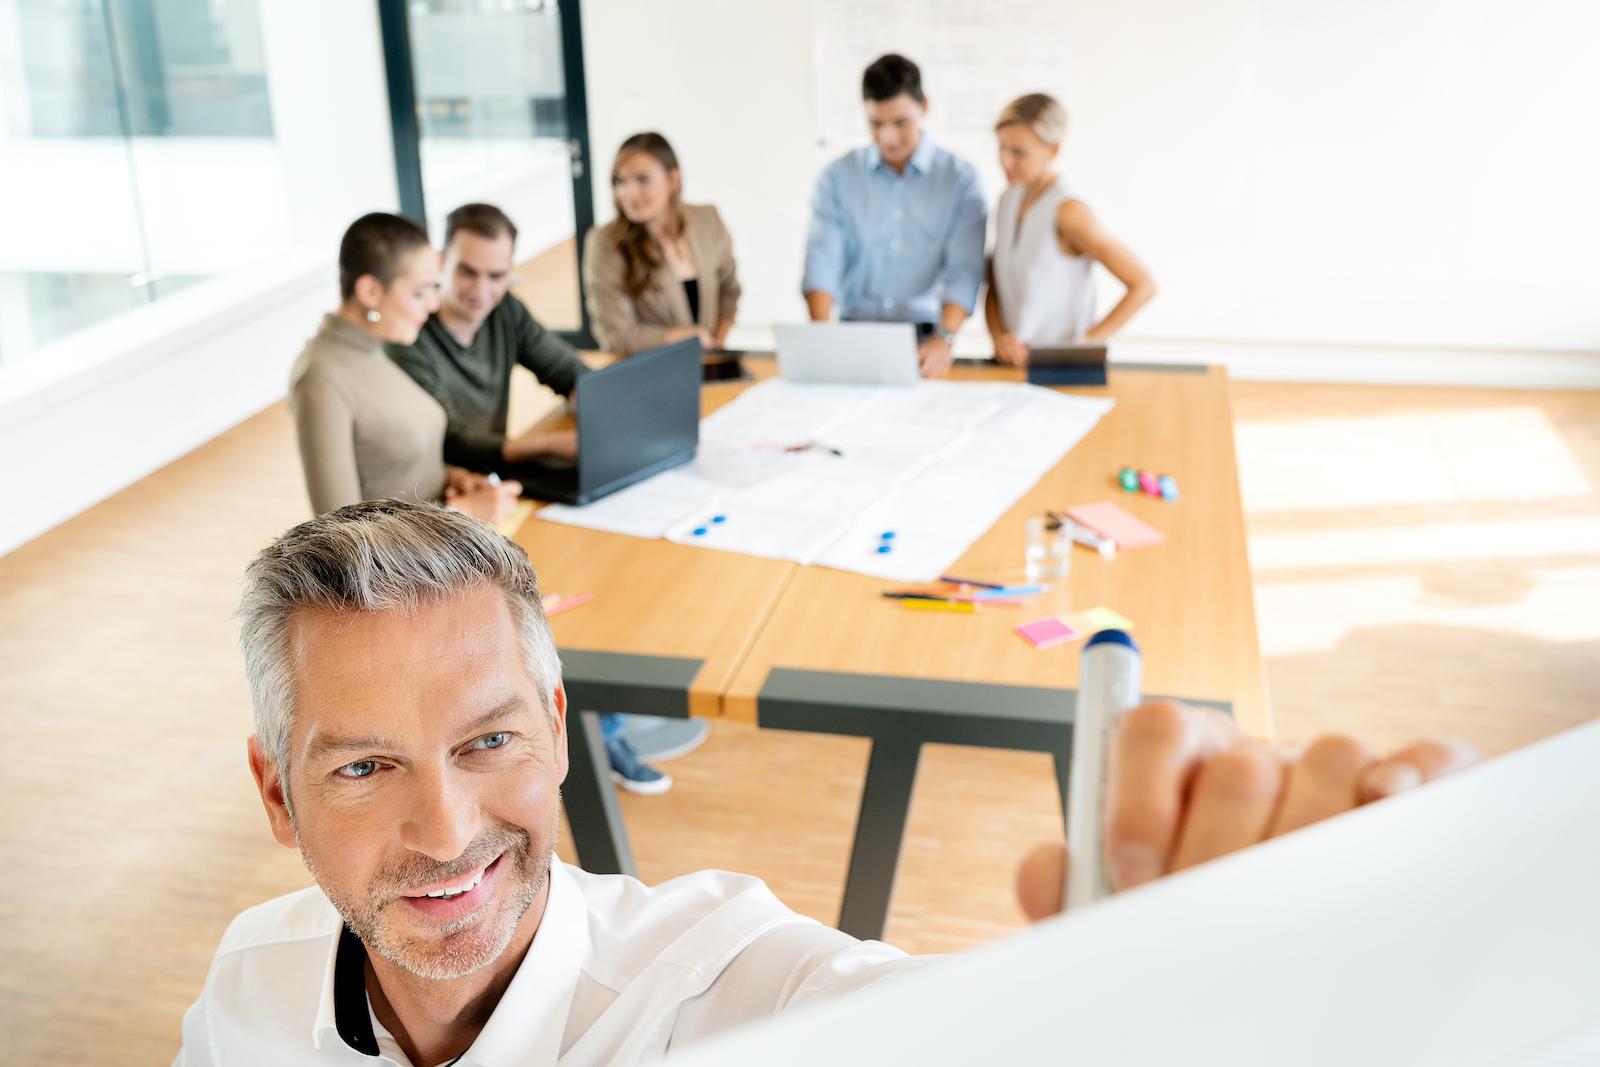 Business Trainees Team beim lernen